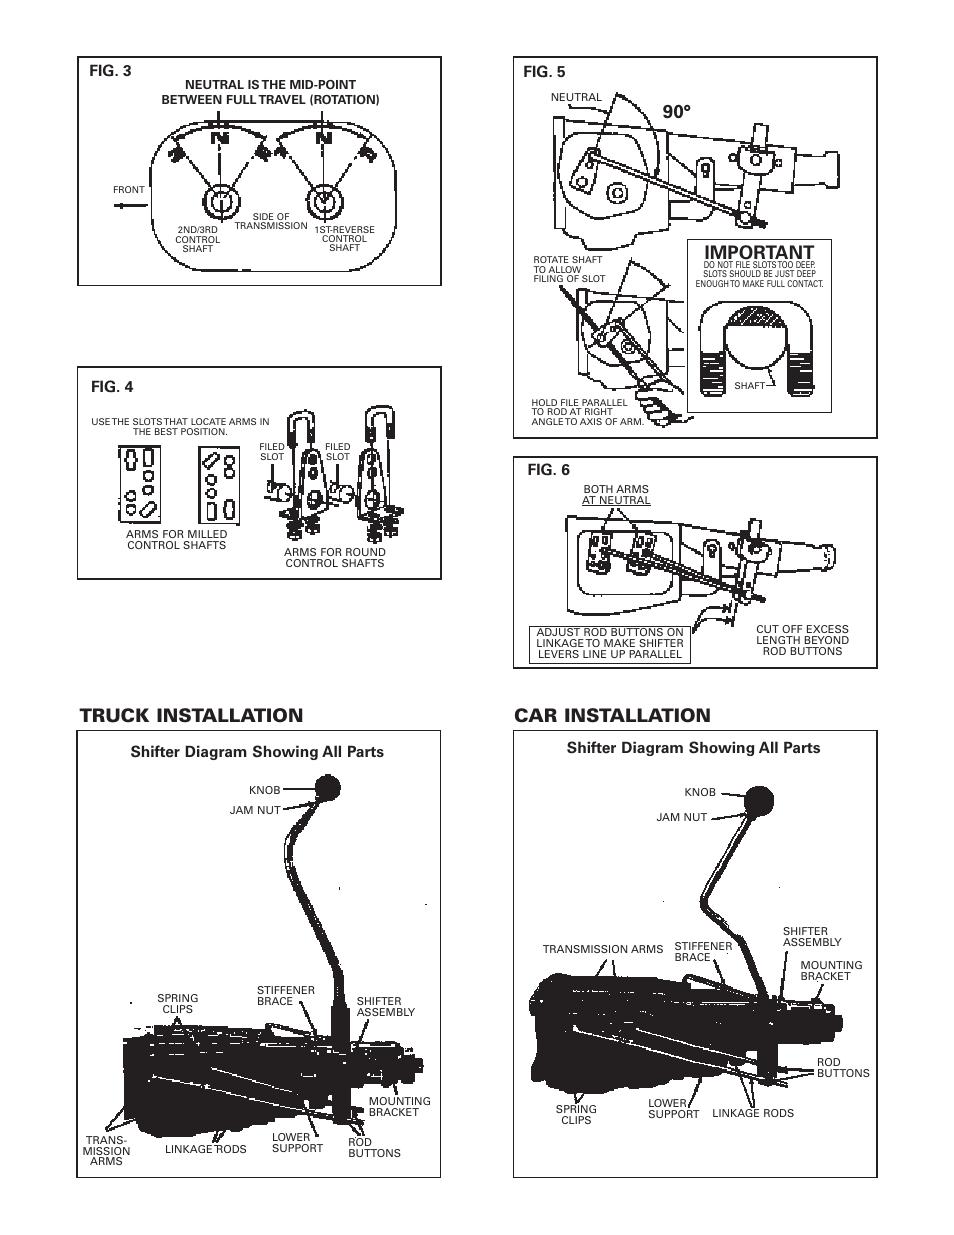 Truck Installation  Important  Car Installation